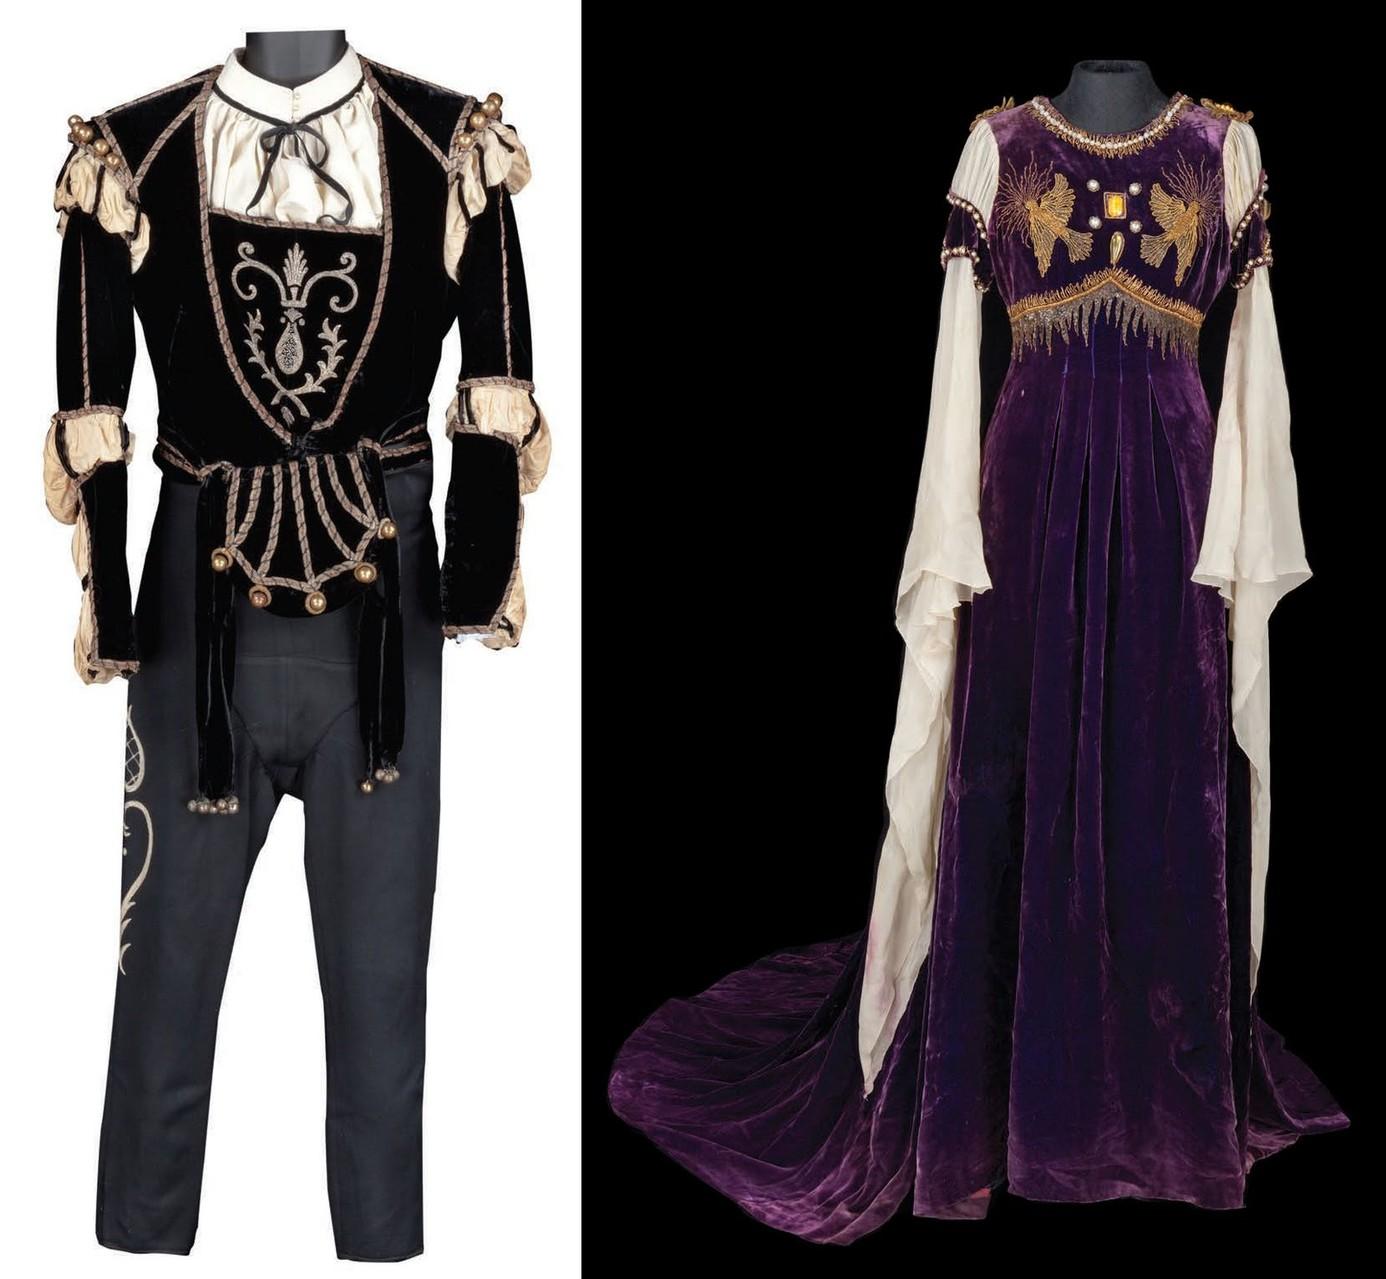 Les costumes de ROMEO ET DE JULIETTE se sont vendus 20 000$ chacun en 2011.